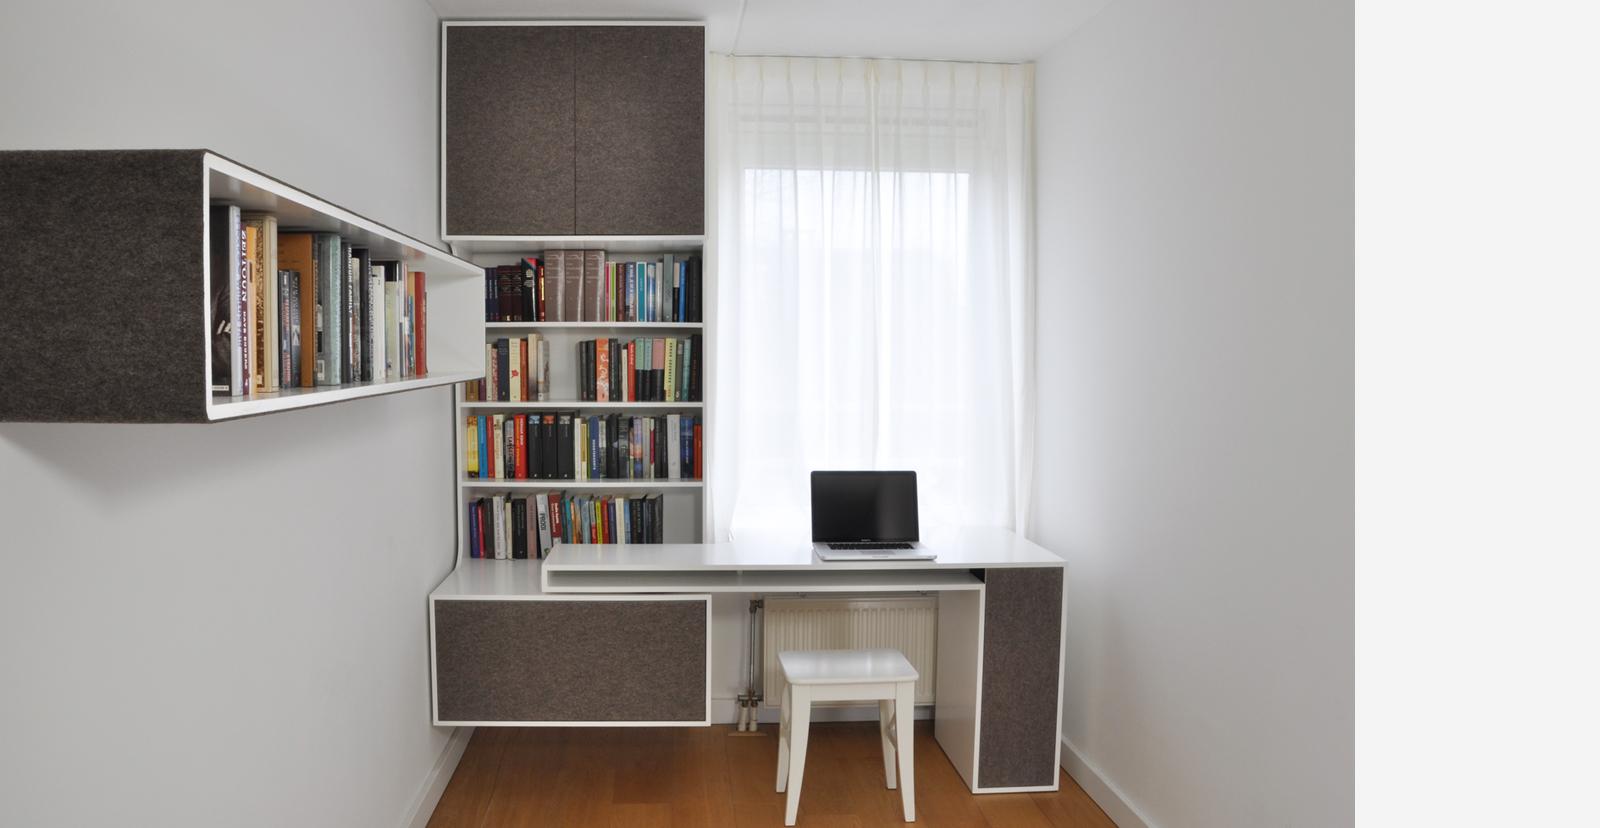 Thomas durner works kleine ruimte groot for Inrichten kleine ruimtes